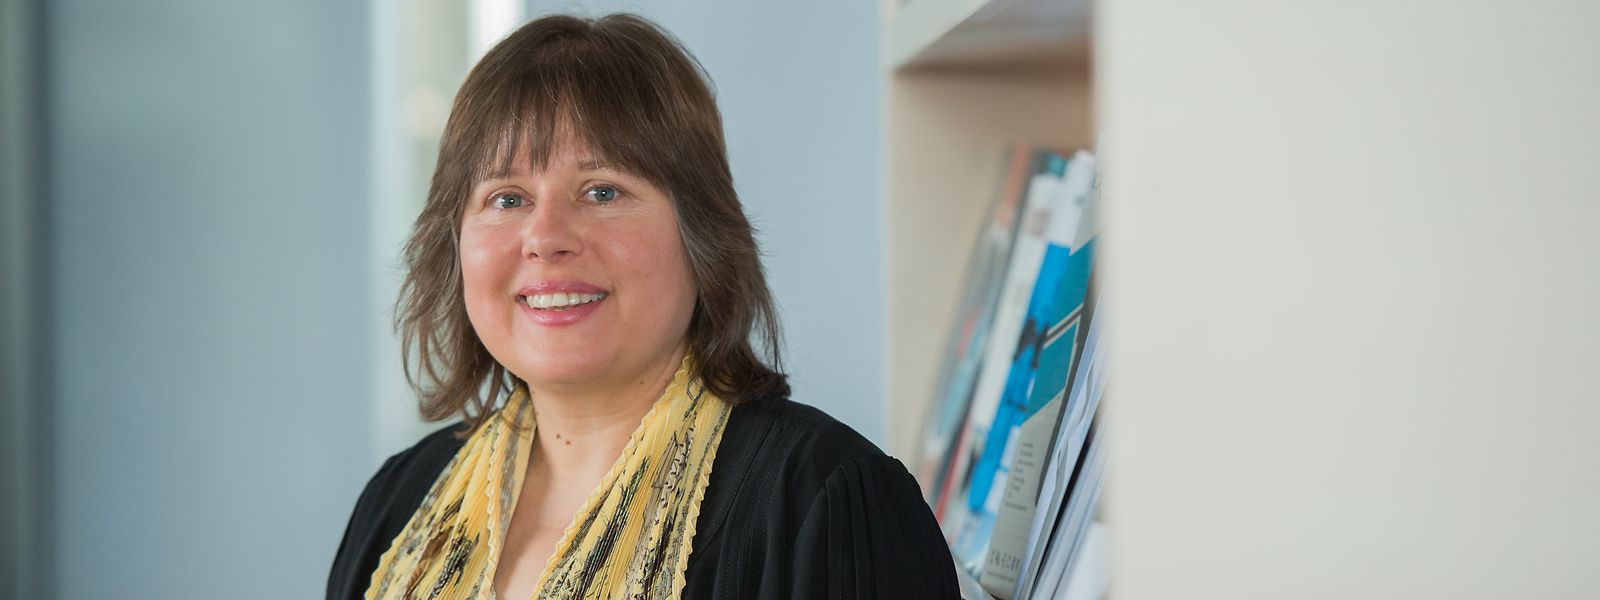 Corinne Lamesch succède à Denise Voss.